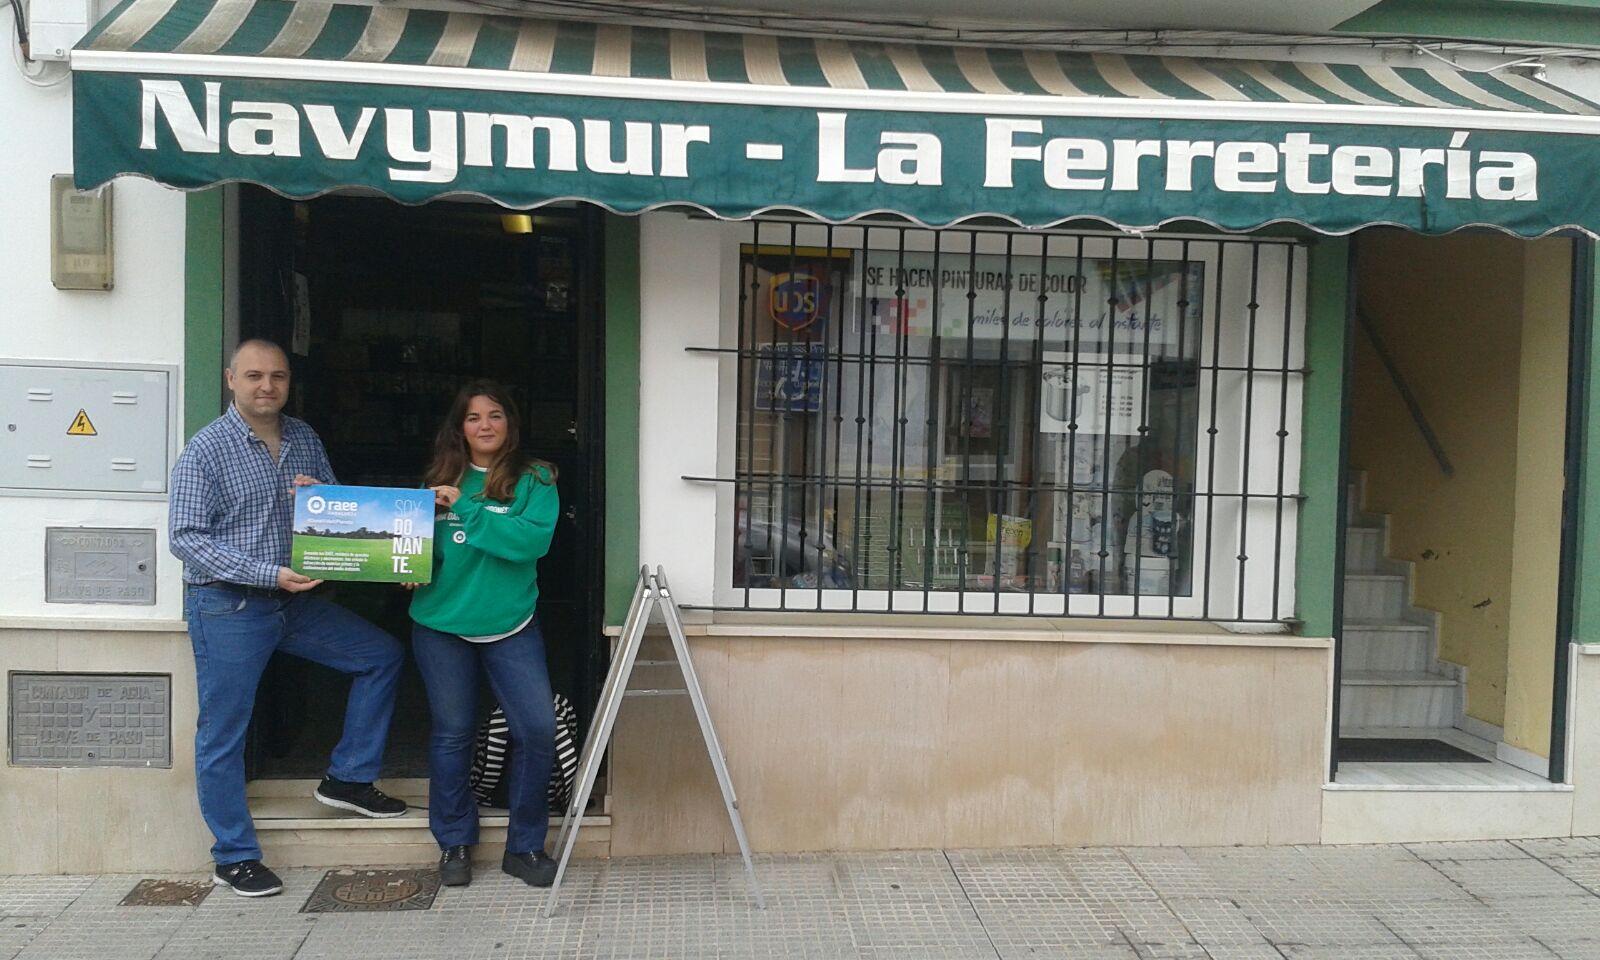 Navymur La Ferreteria (Aljaraque, Huelva)